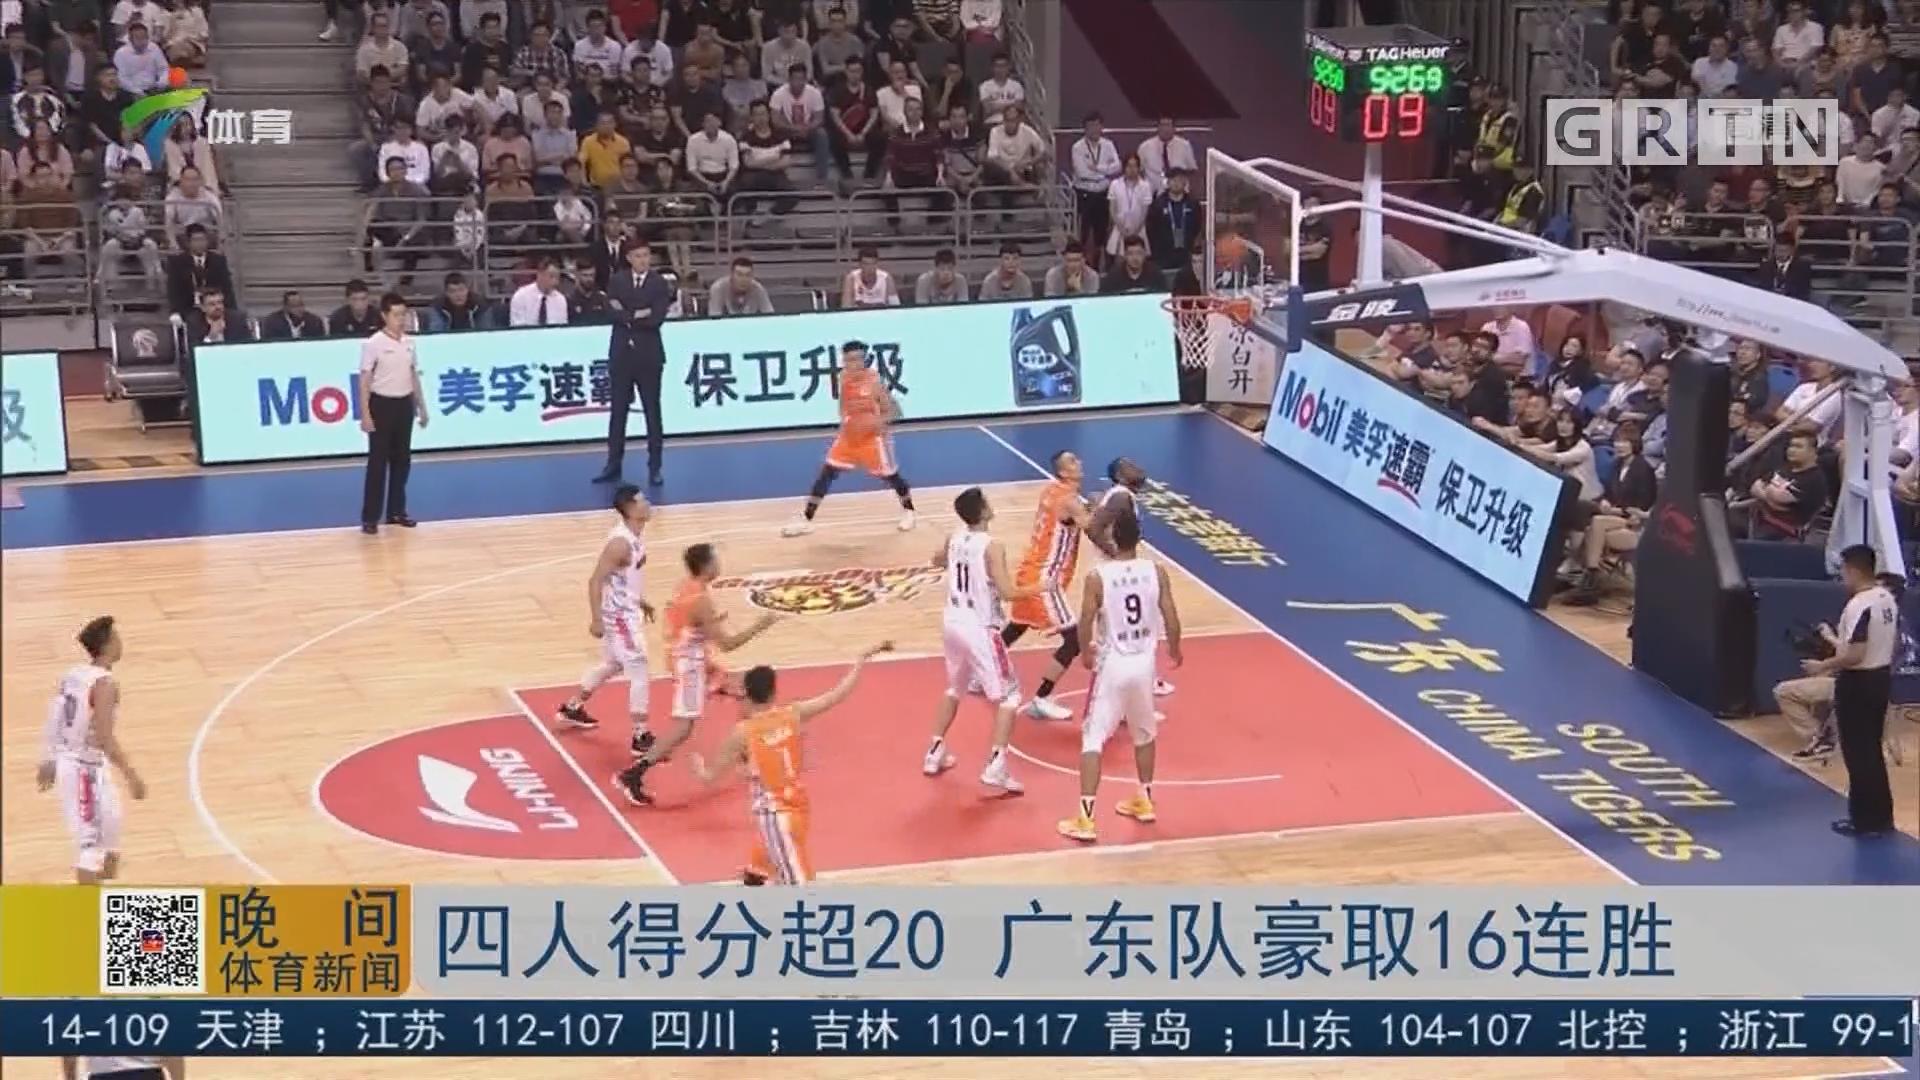 四人得分超20 广东队豪取16连胜